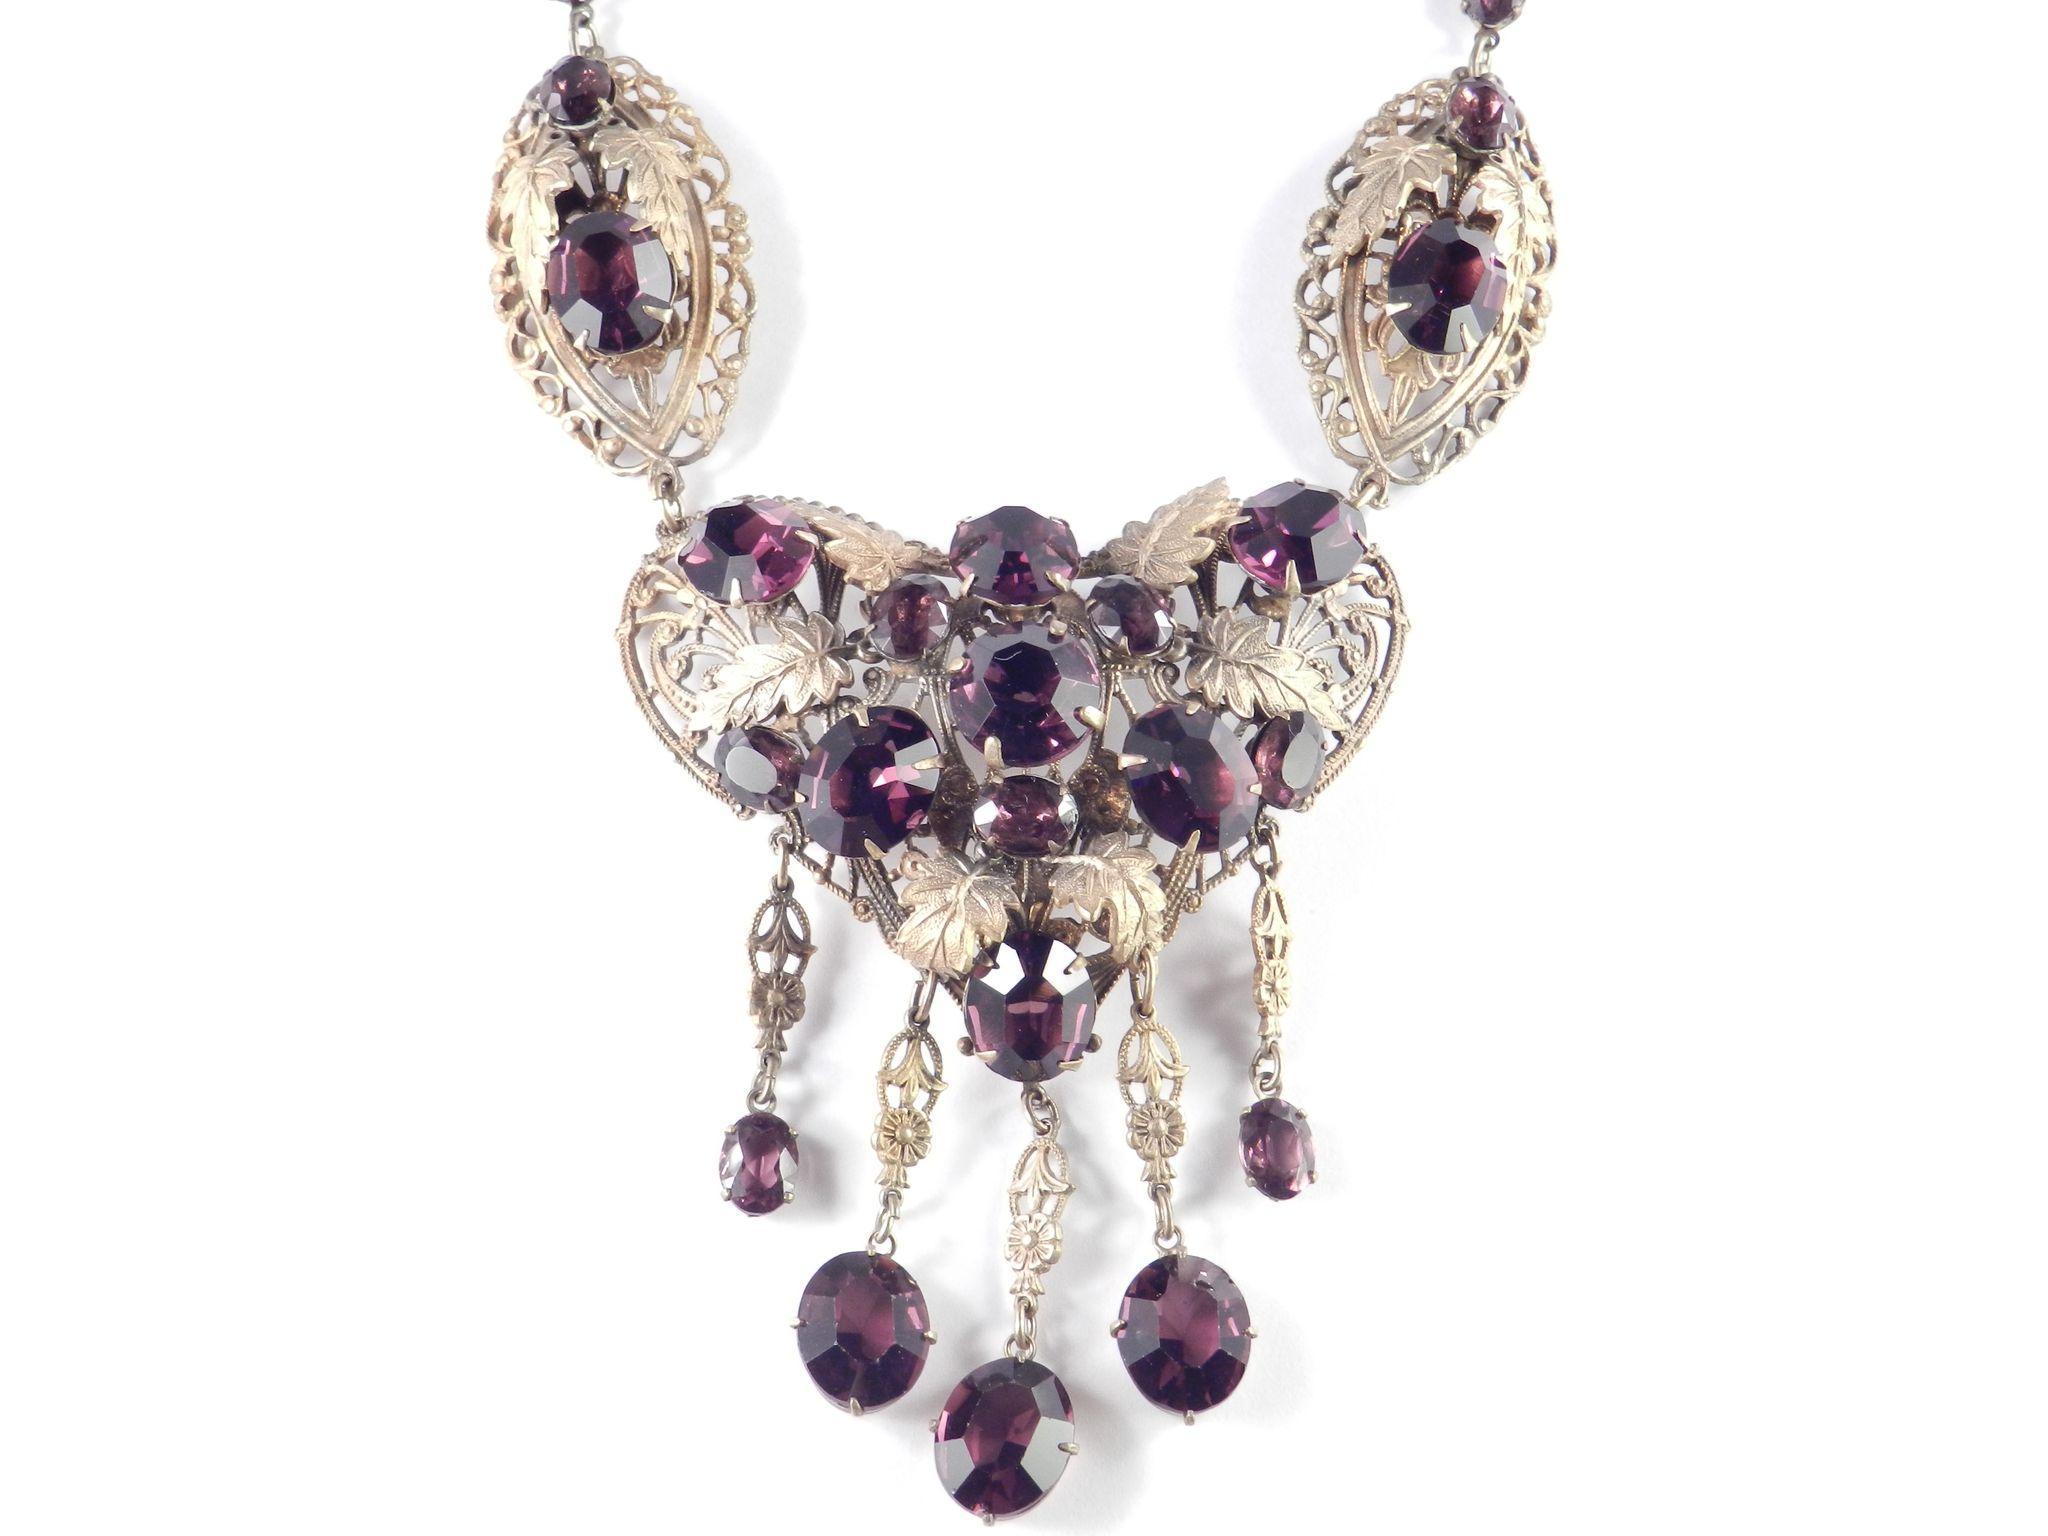 Deco Czechoslovakia Faux Amethyst Art Glass Bib Necklace